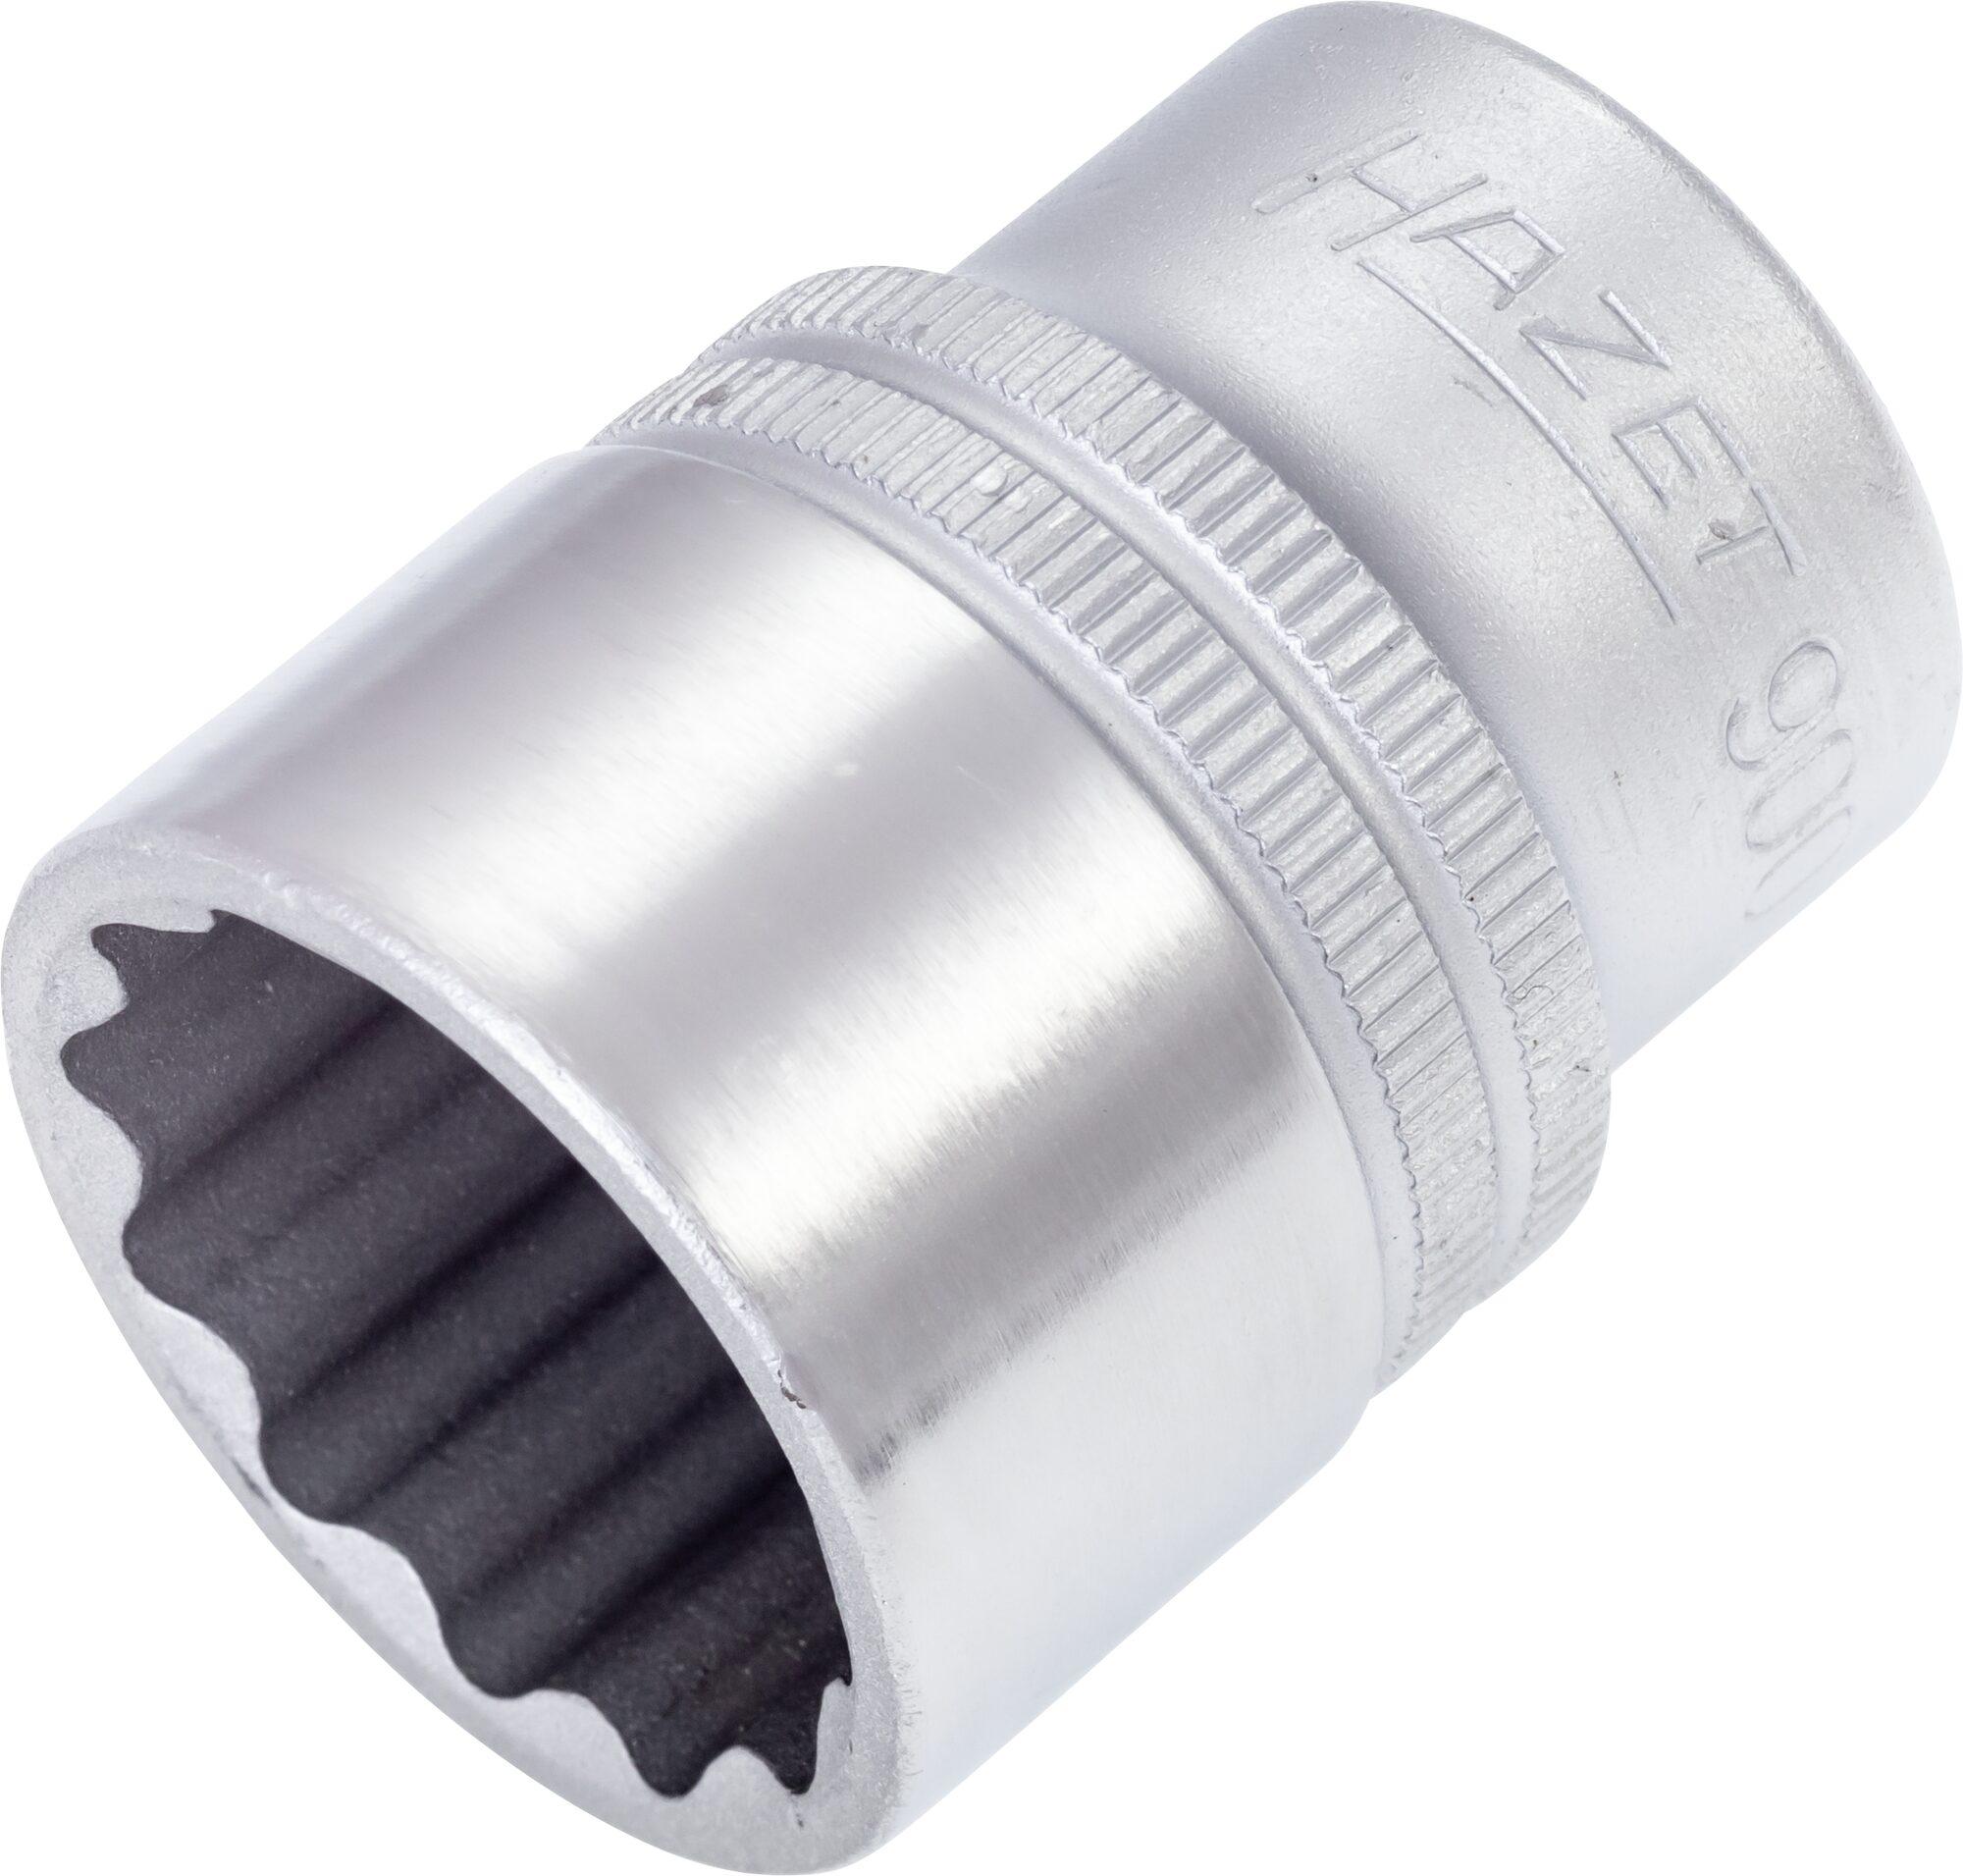 HAZET Steckschlüsseleinsatz ∙ Doppelsechskant 900Z-23 ∙ Vierkant hohl 12,5 mm (1/2 Zoll) ∙ 23 mm